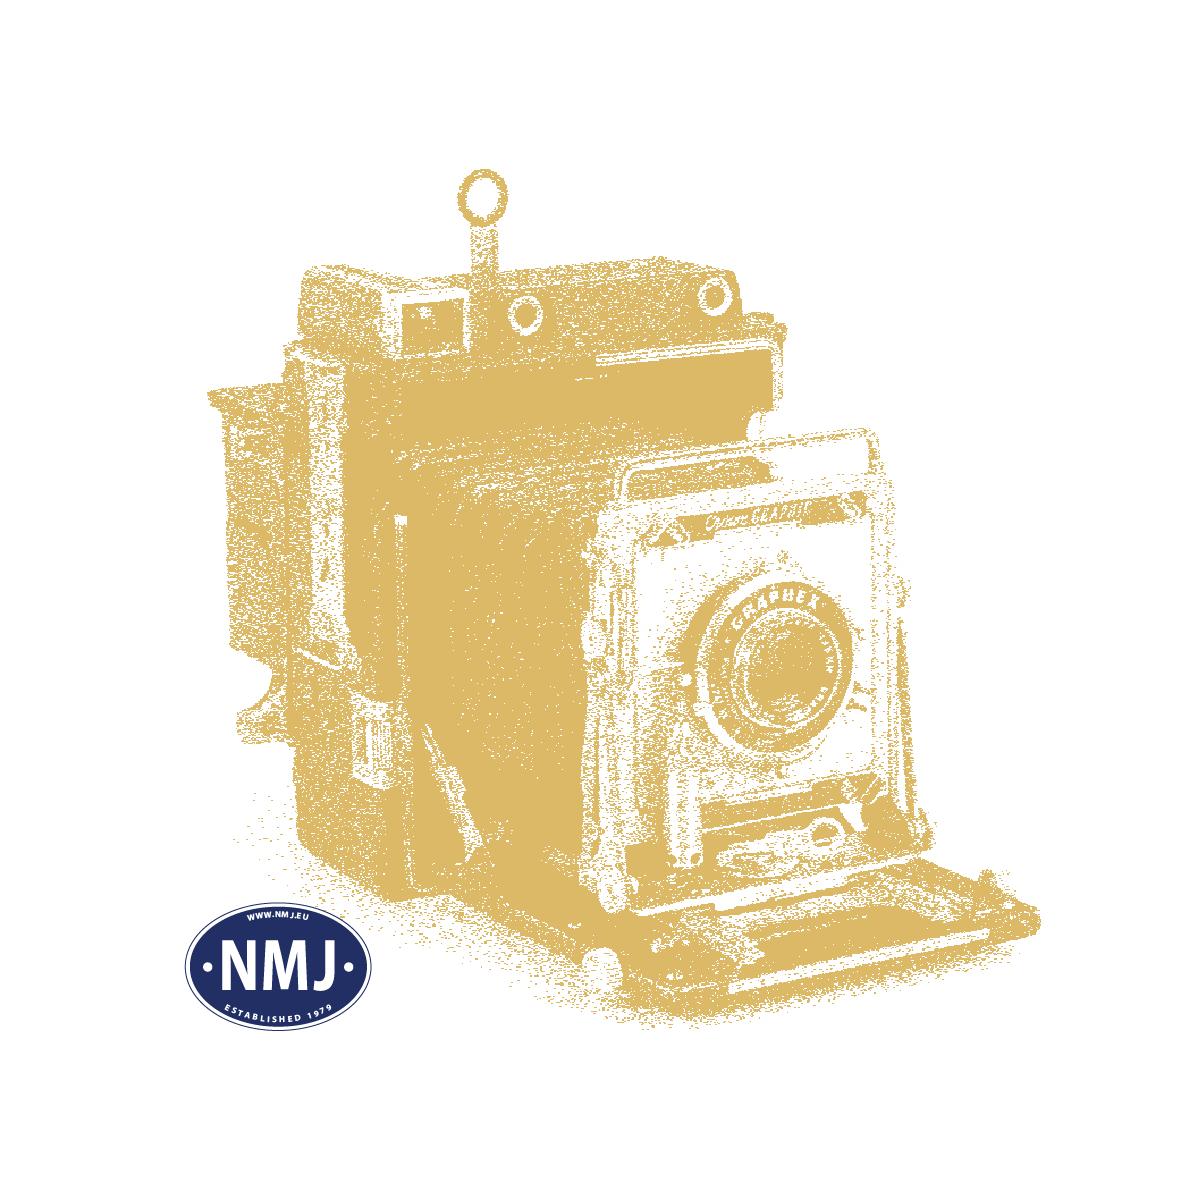 NMJT94004 - NMJ Topline SJ YF1 1331, Oransje, DCC m/ Lyd